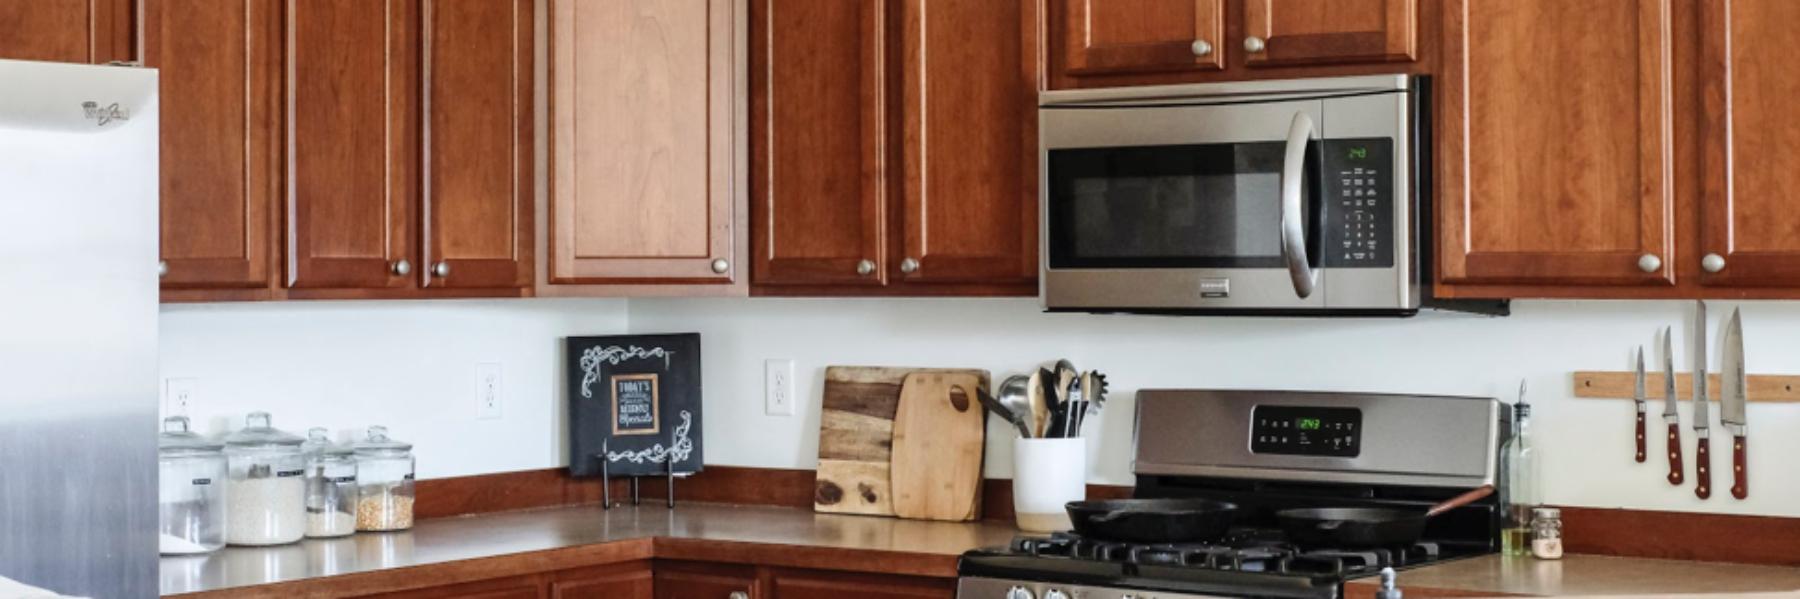 kitchen-farmhouse-renovation